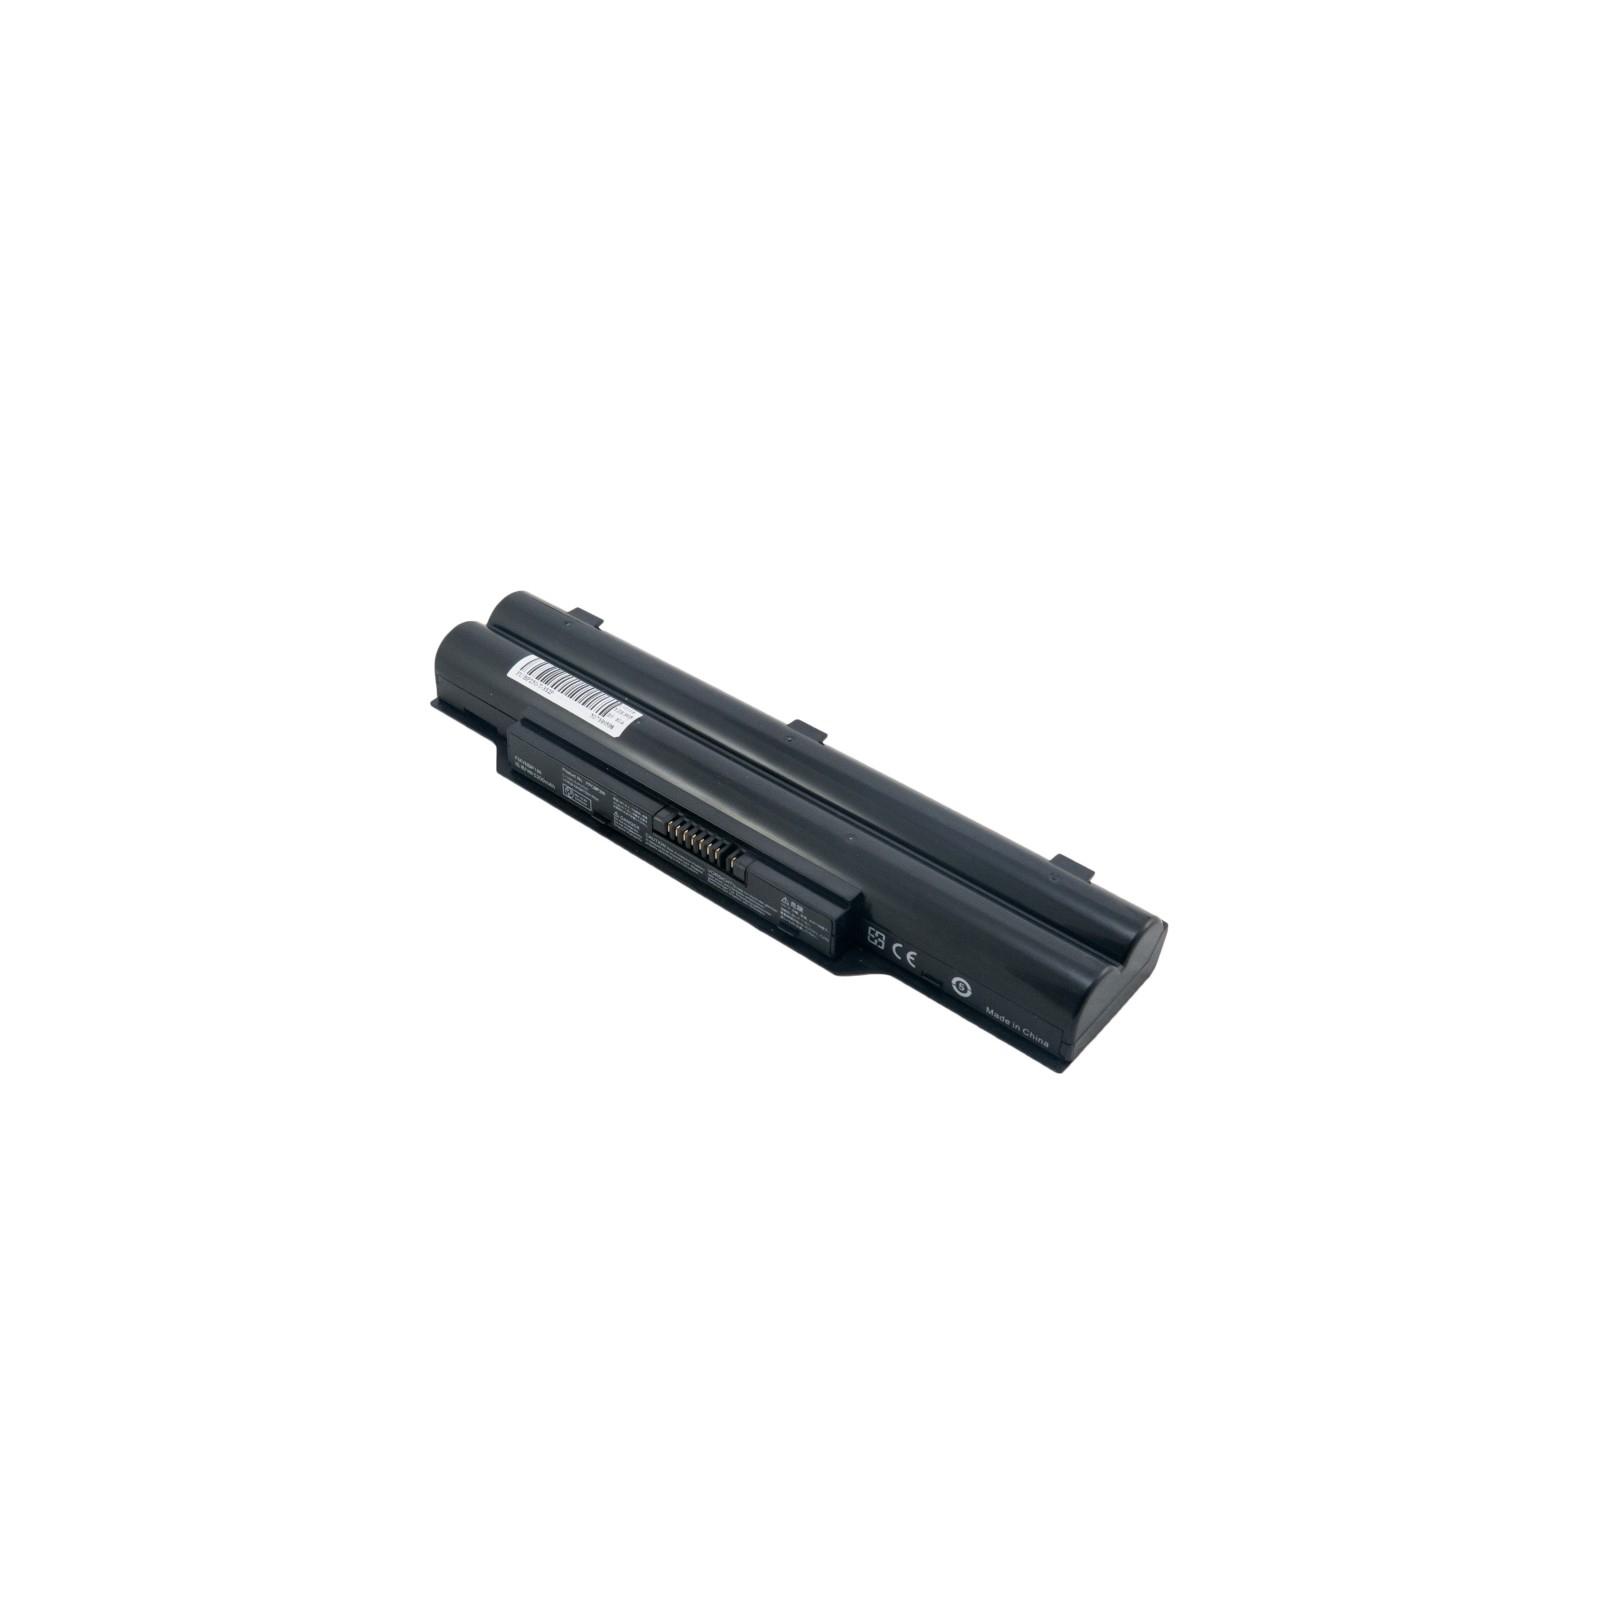 Аккумулятор для ноутбука Fujitsu LifeBook (FPCBP250) 5200 mAh, 56 Wh Extradigital (BNF3965) изображение 5